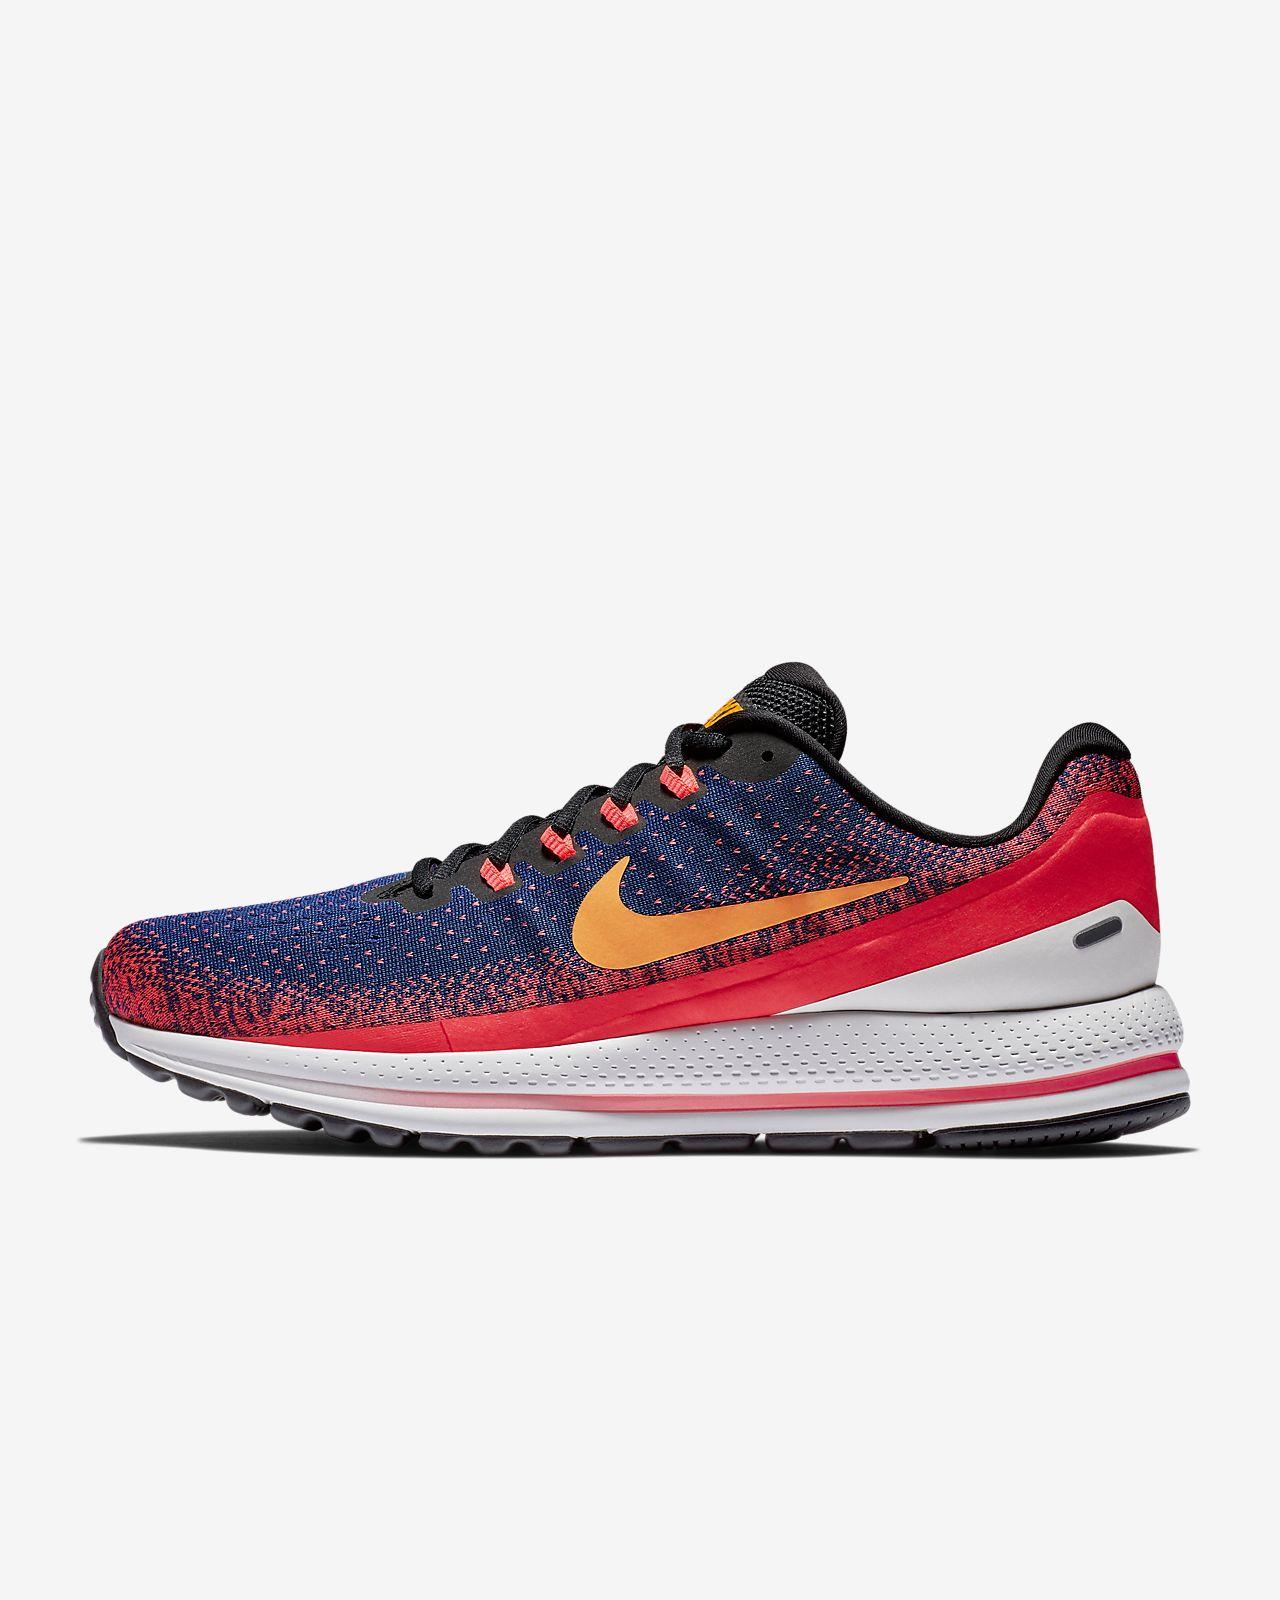 รองเท้าวิ่งผู้ชาย Nike Air Zoom Vomero 13